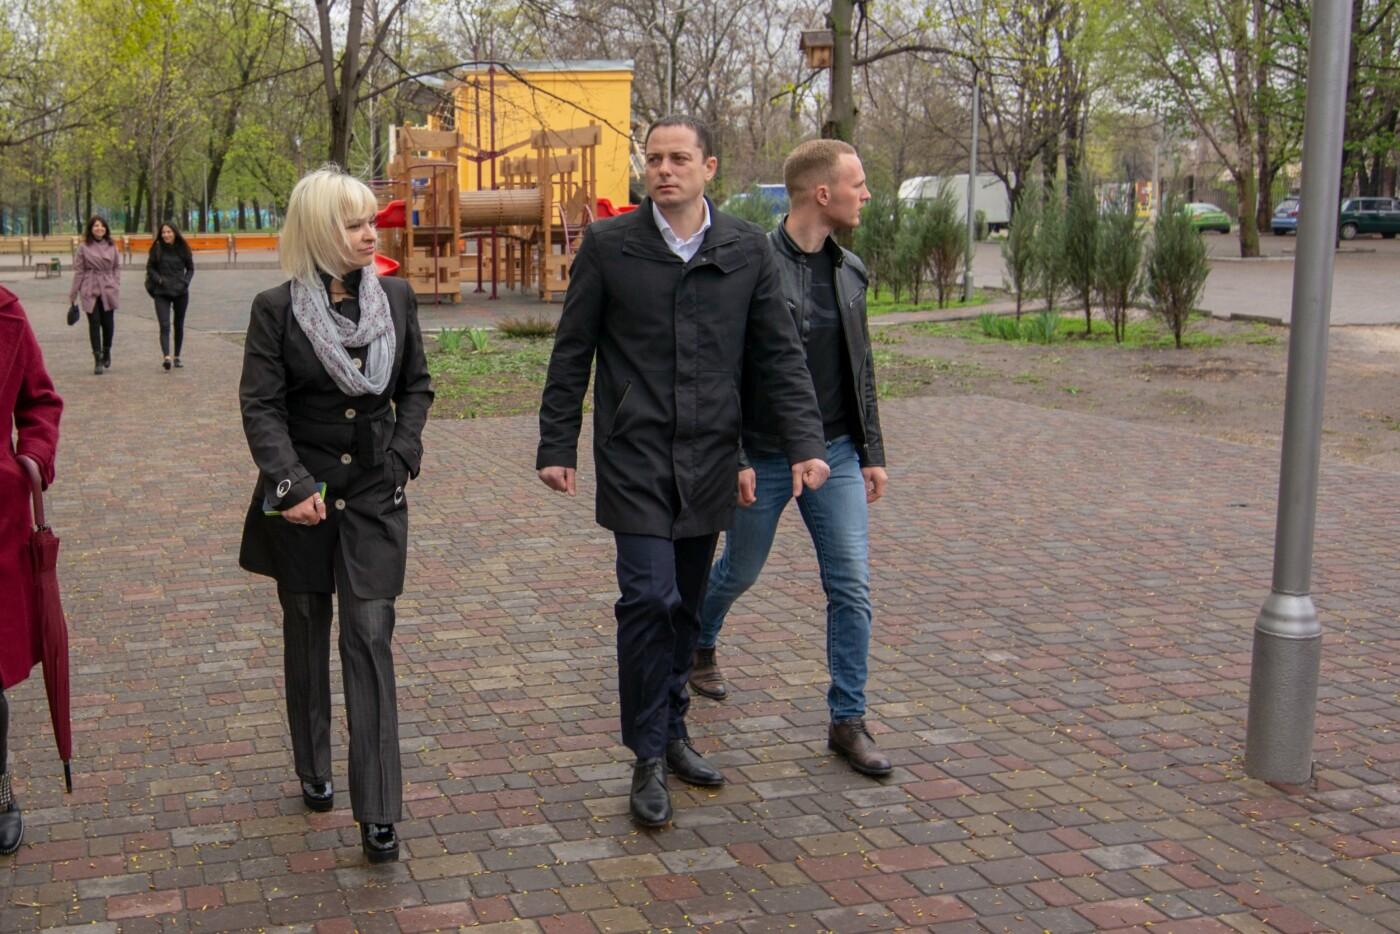 Развлекательная программа, конкурсы и квесты: центральный парк Каменского готовят к открытию, фото-5